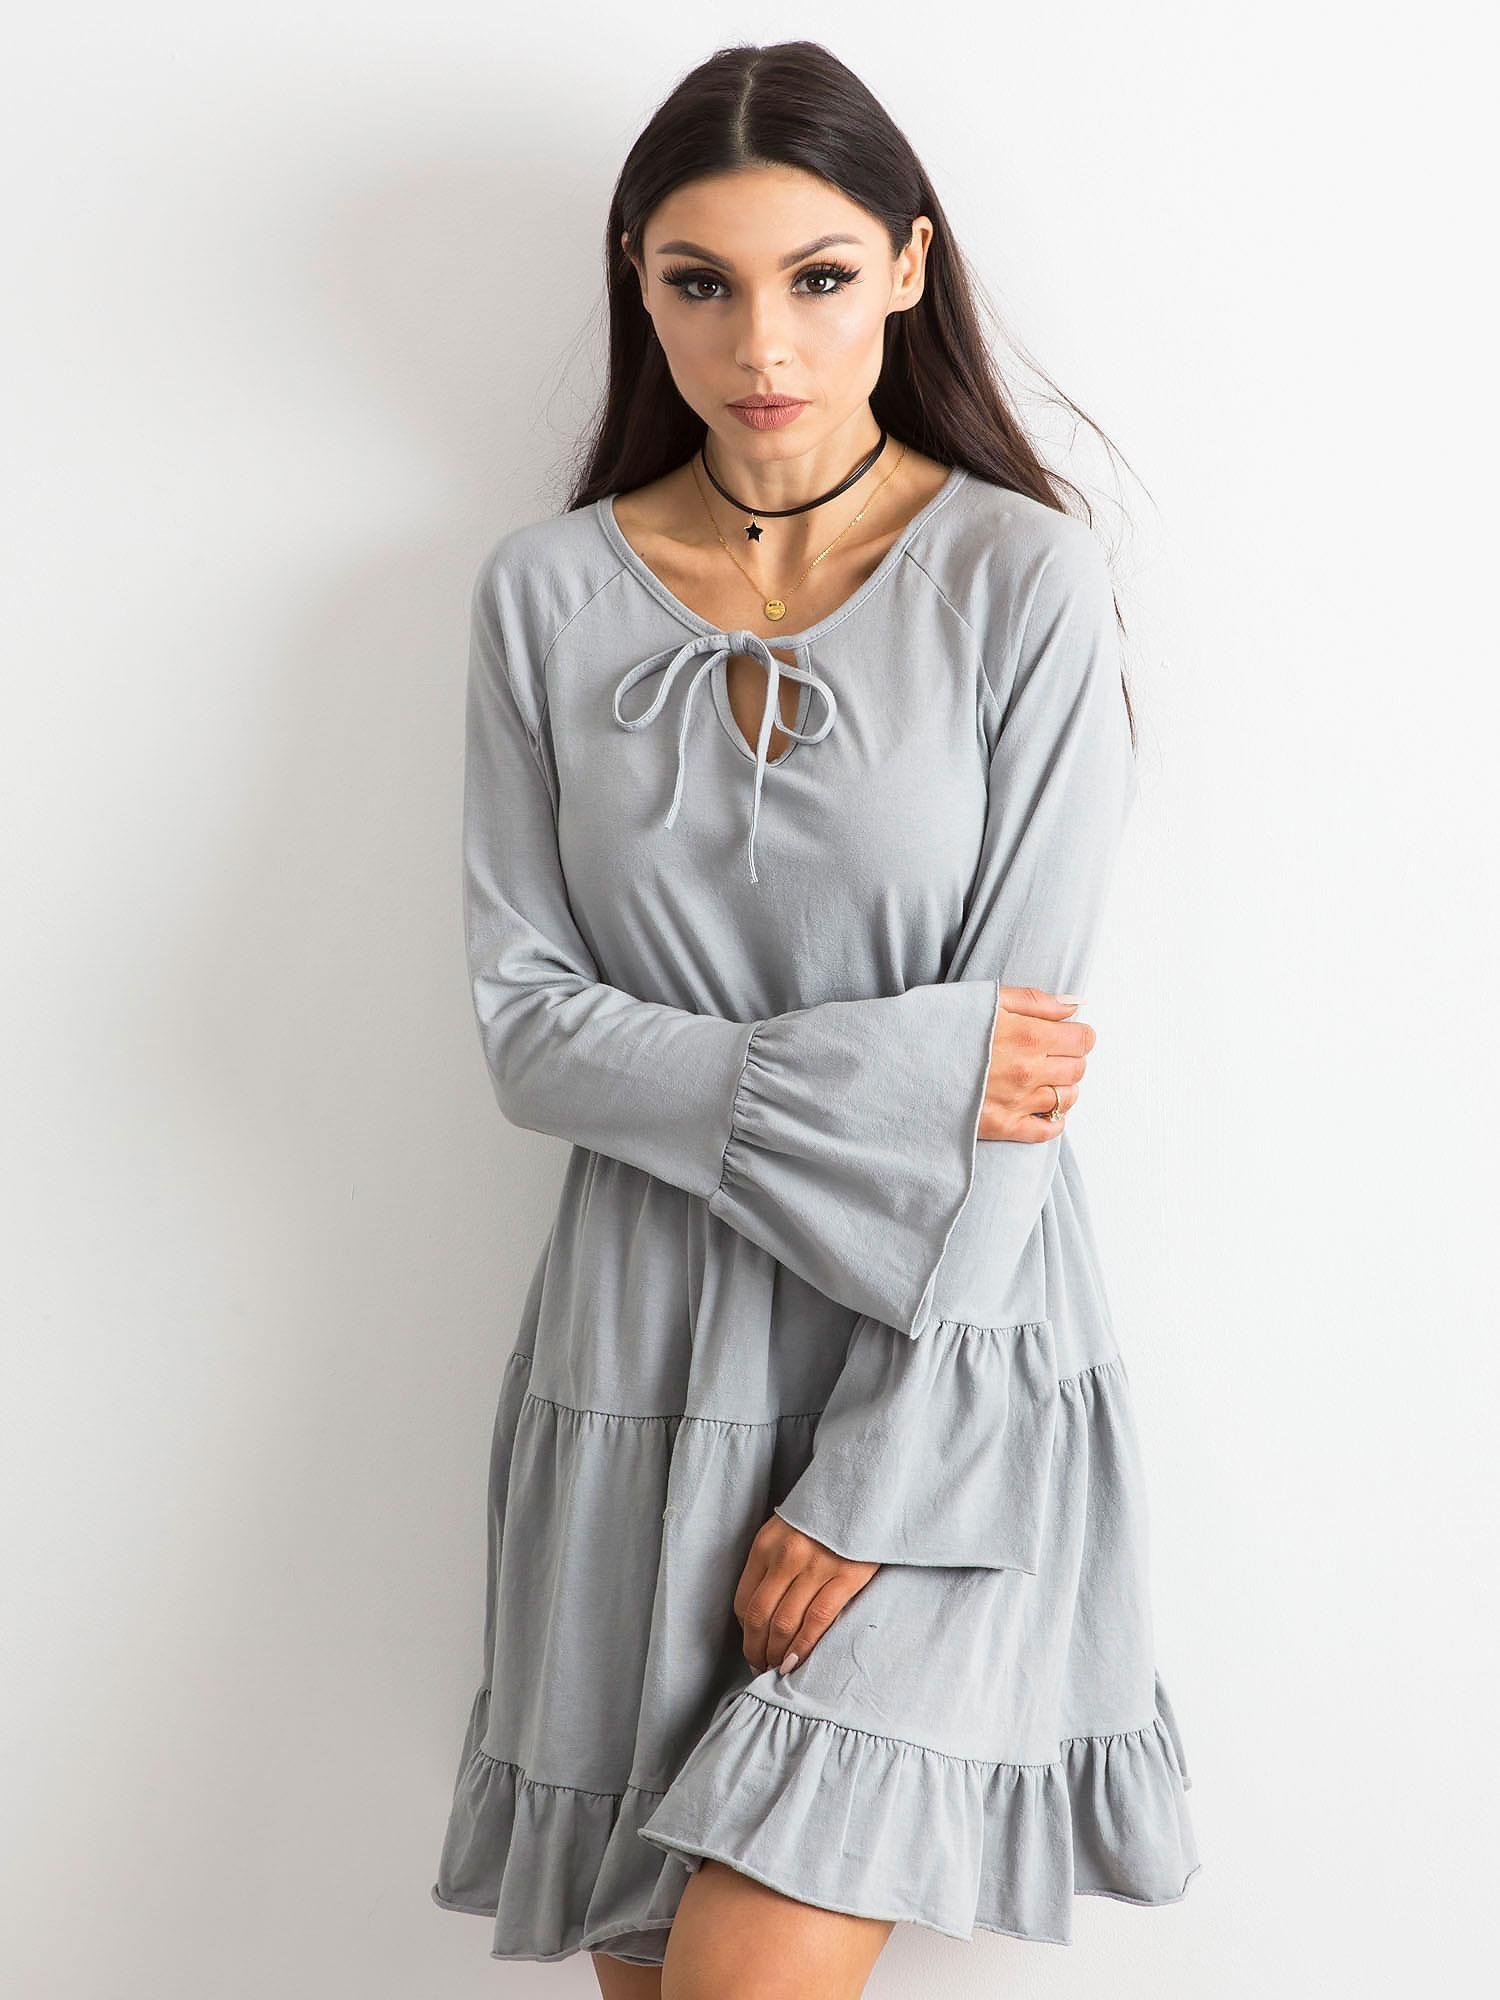 936142ff167b20 Jasnoszara sukienka z szerokimi rękawami - Sukienka z falbaną ...